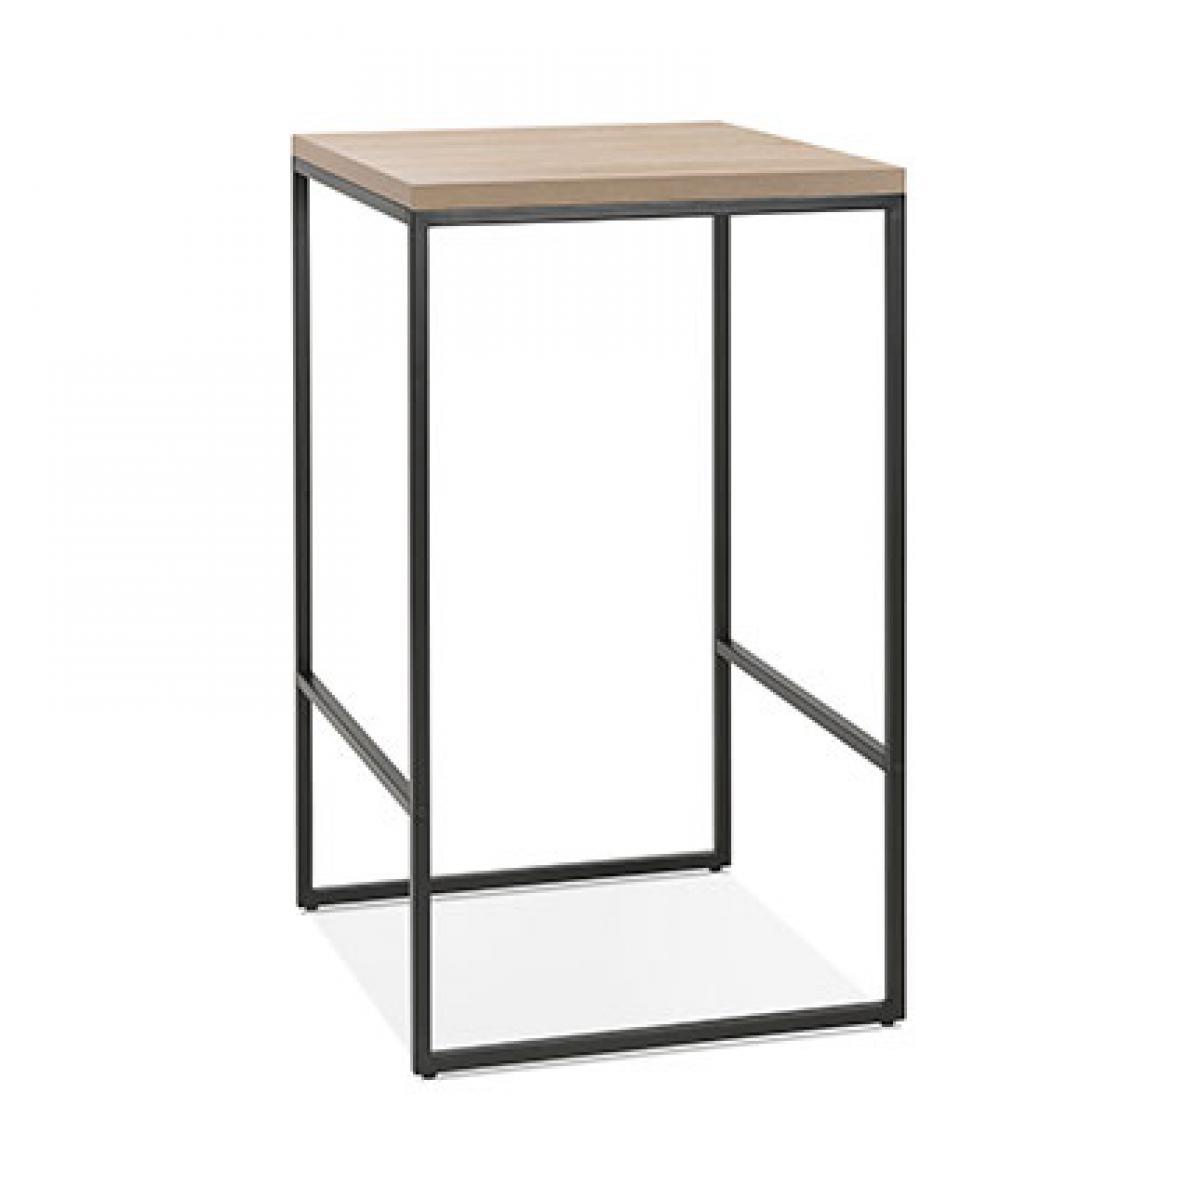 Paris Prix Table de bar carrée 60x105 cm en bois naturel et métal noir